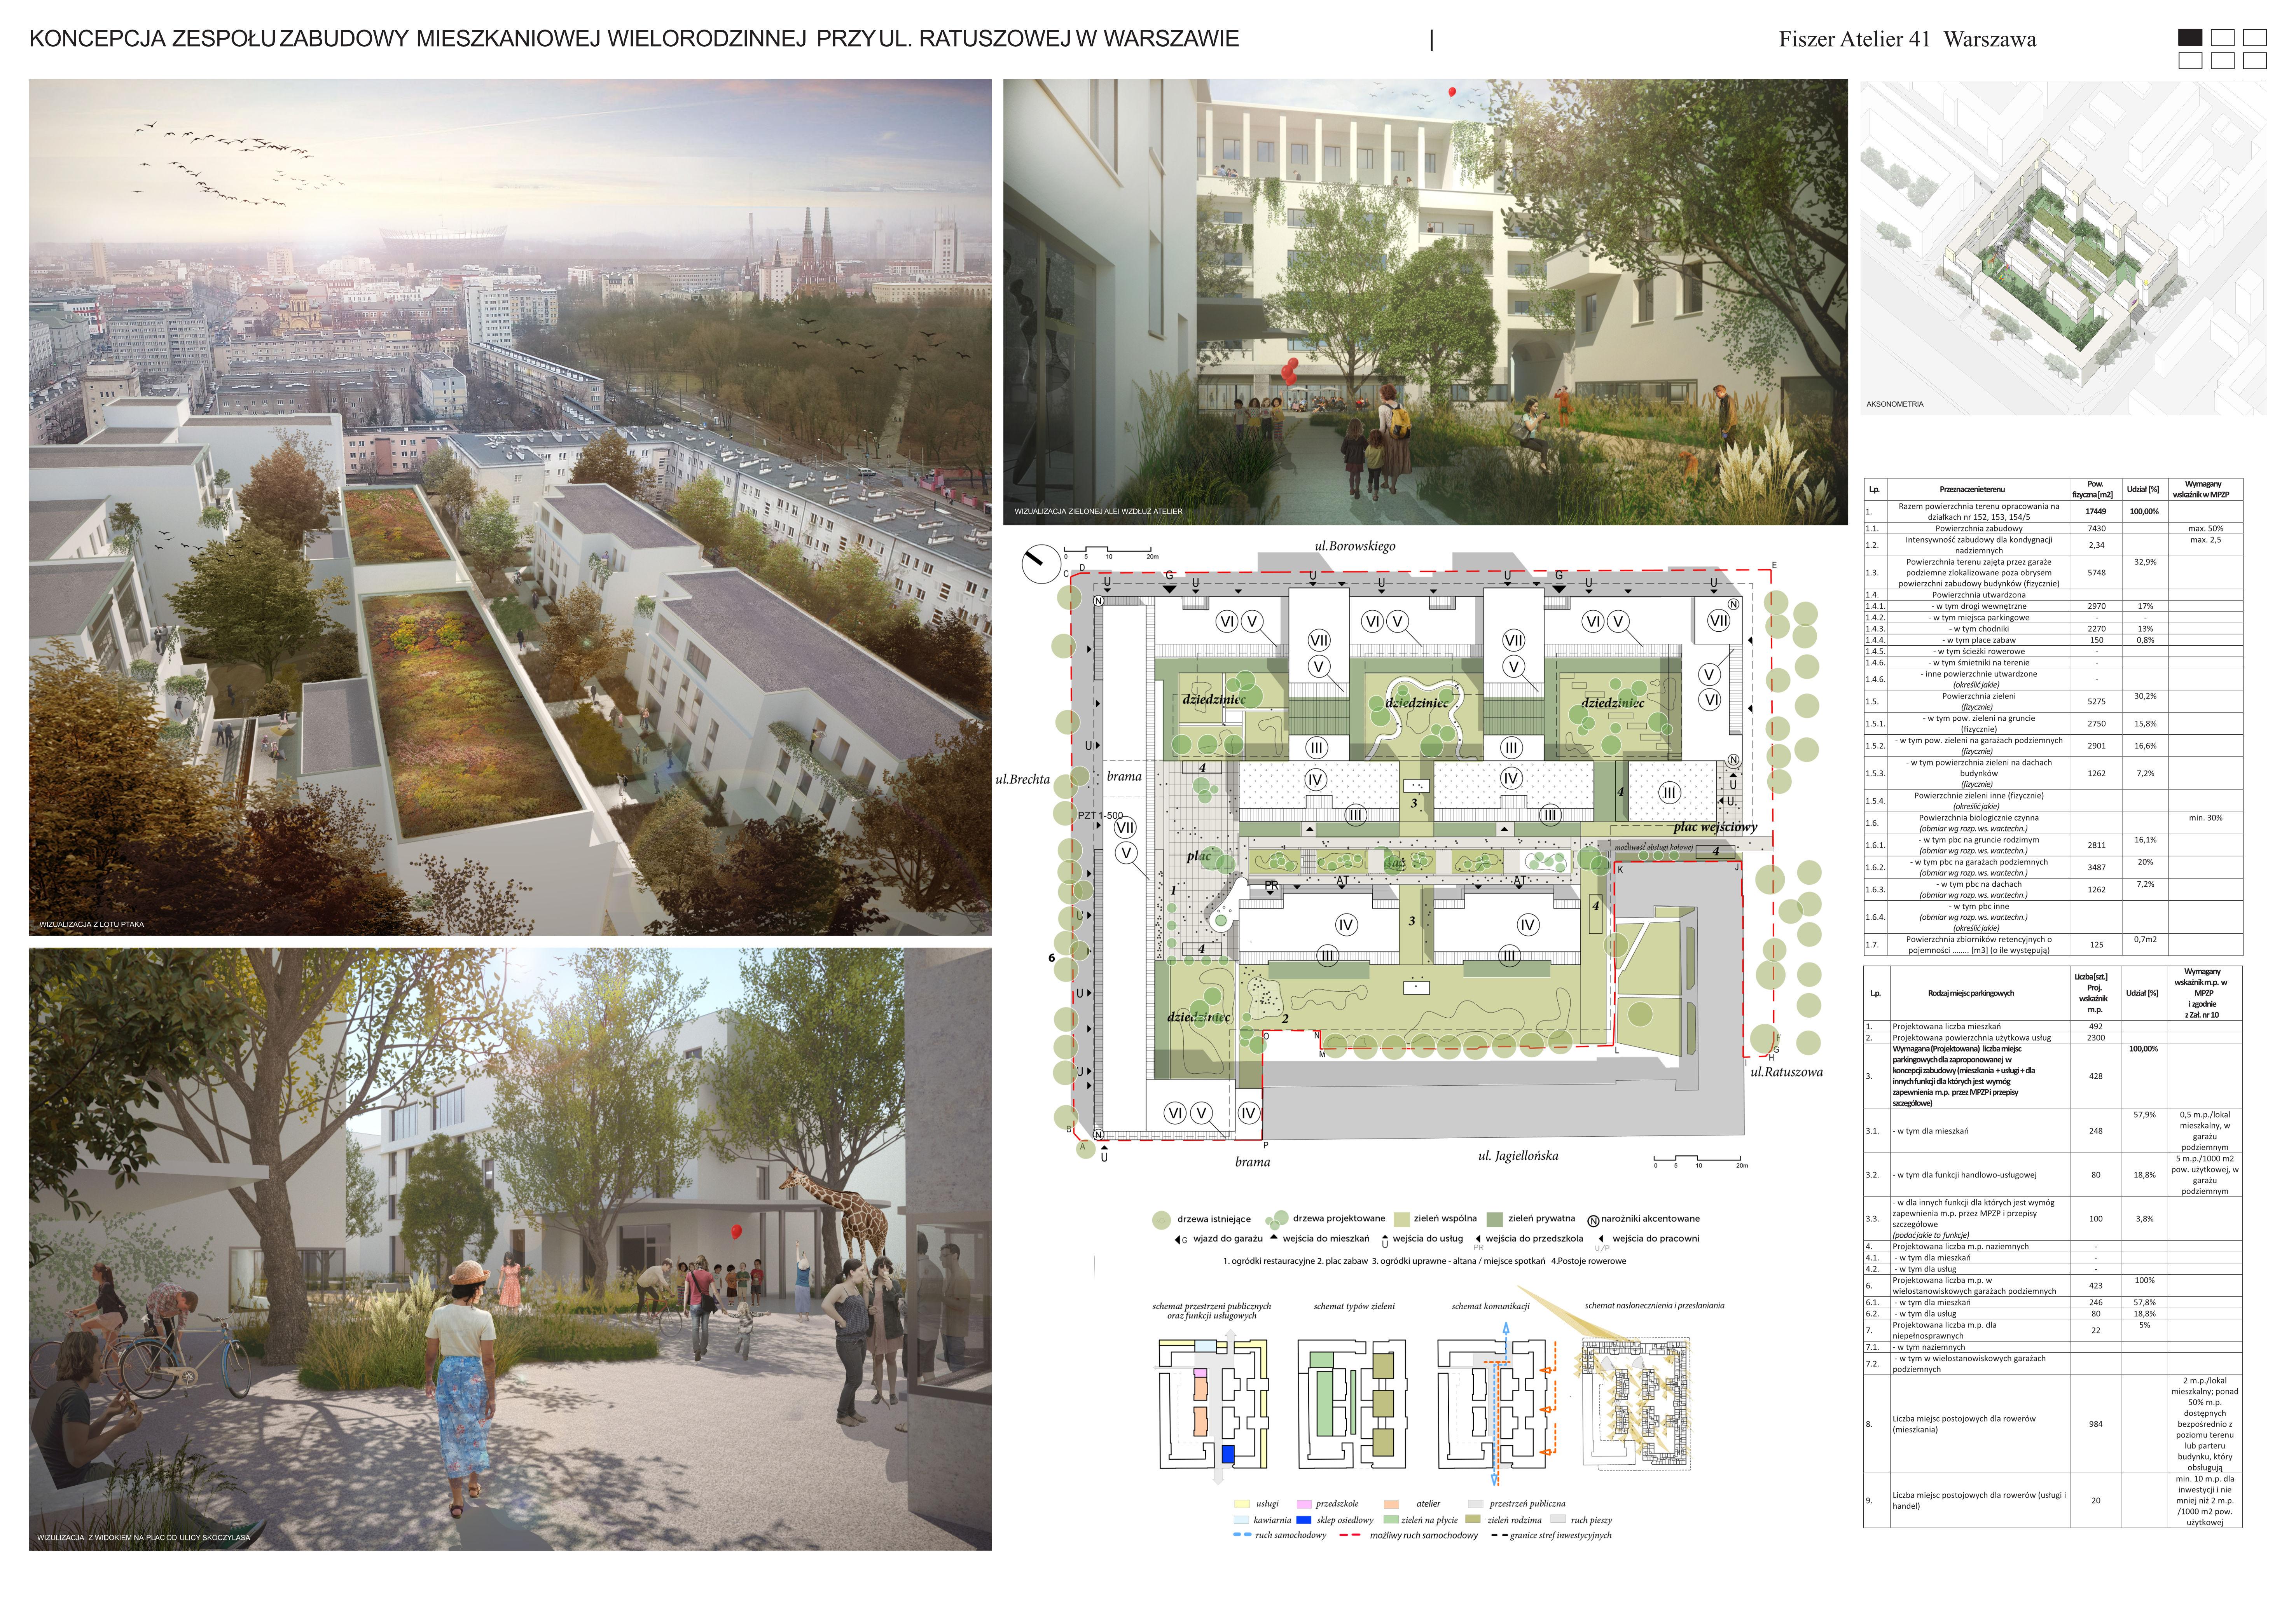 Warszawa Ratuszowa Fiszer Atelier Plansza 1